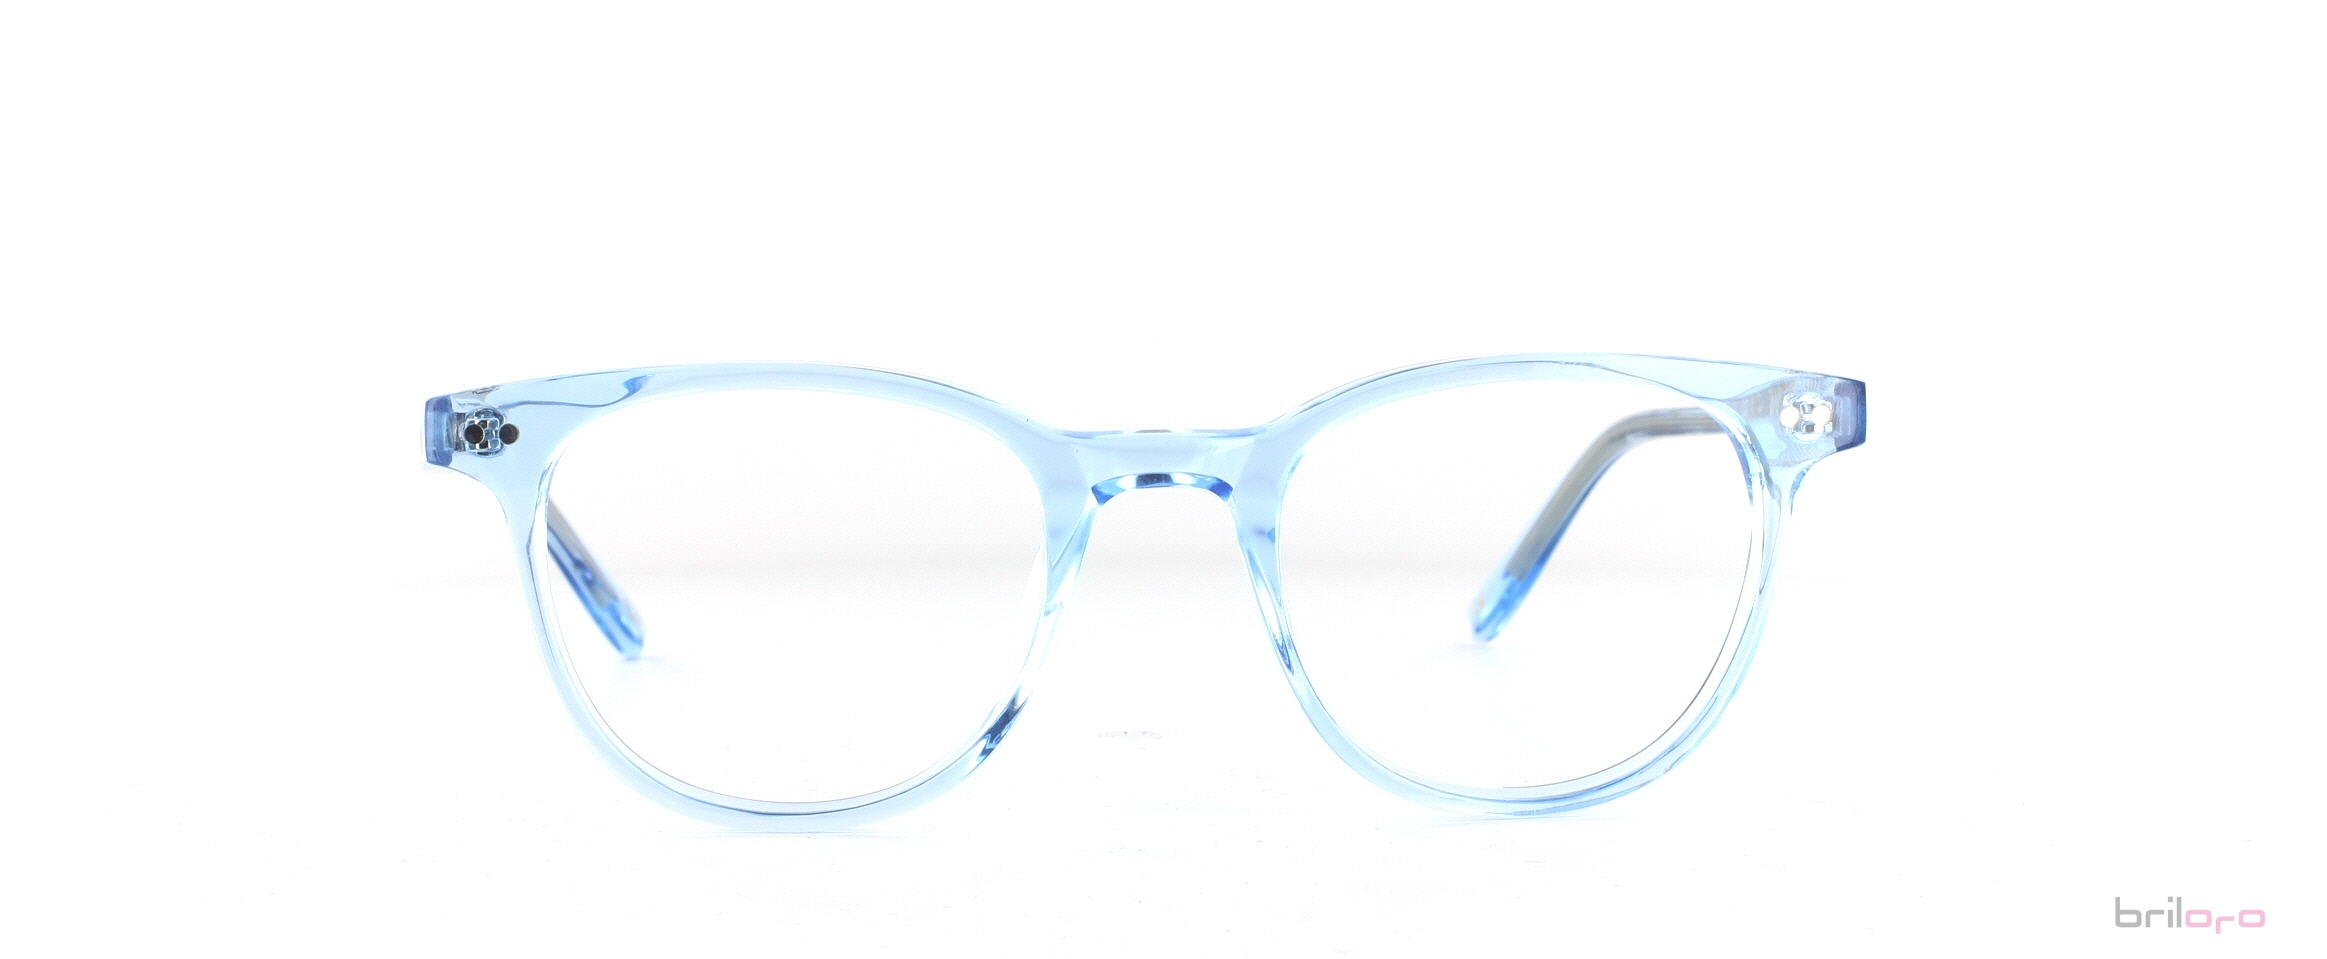 Farbige Ottavio Matt Light Blue für Sommertyp Menschen